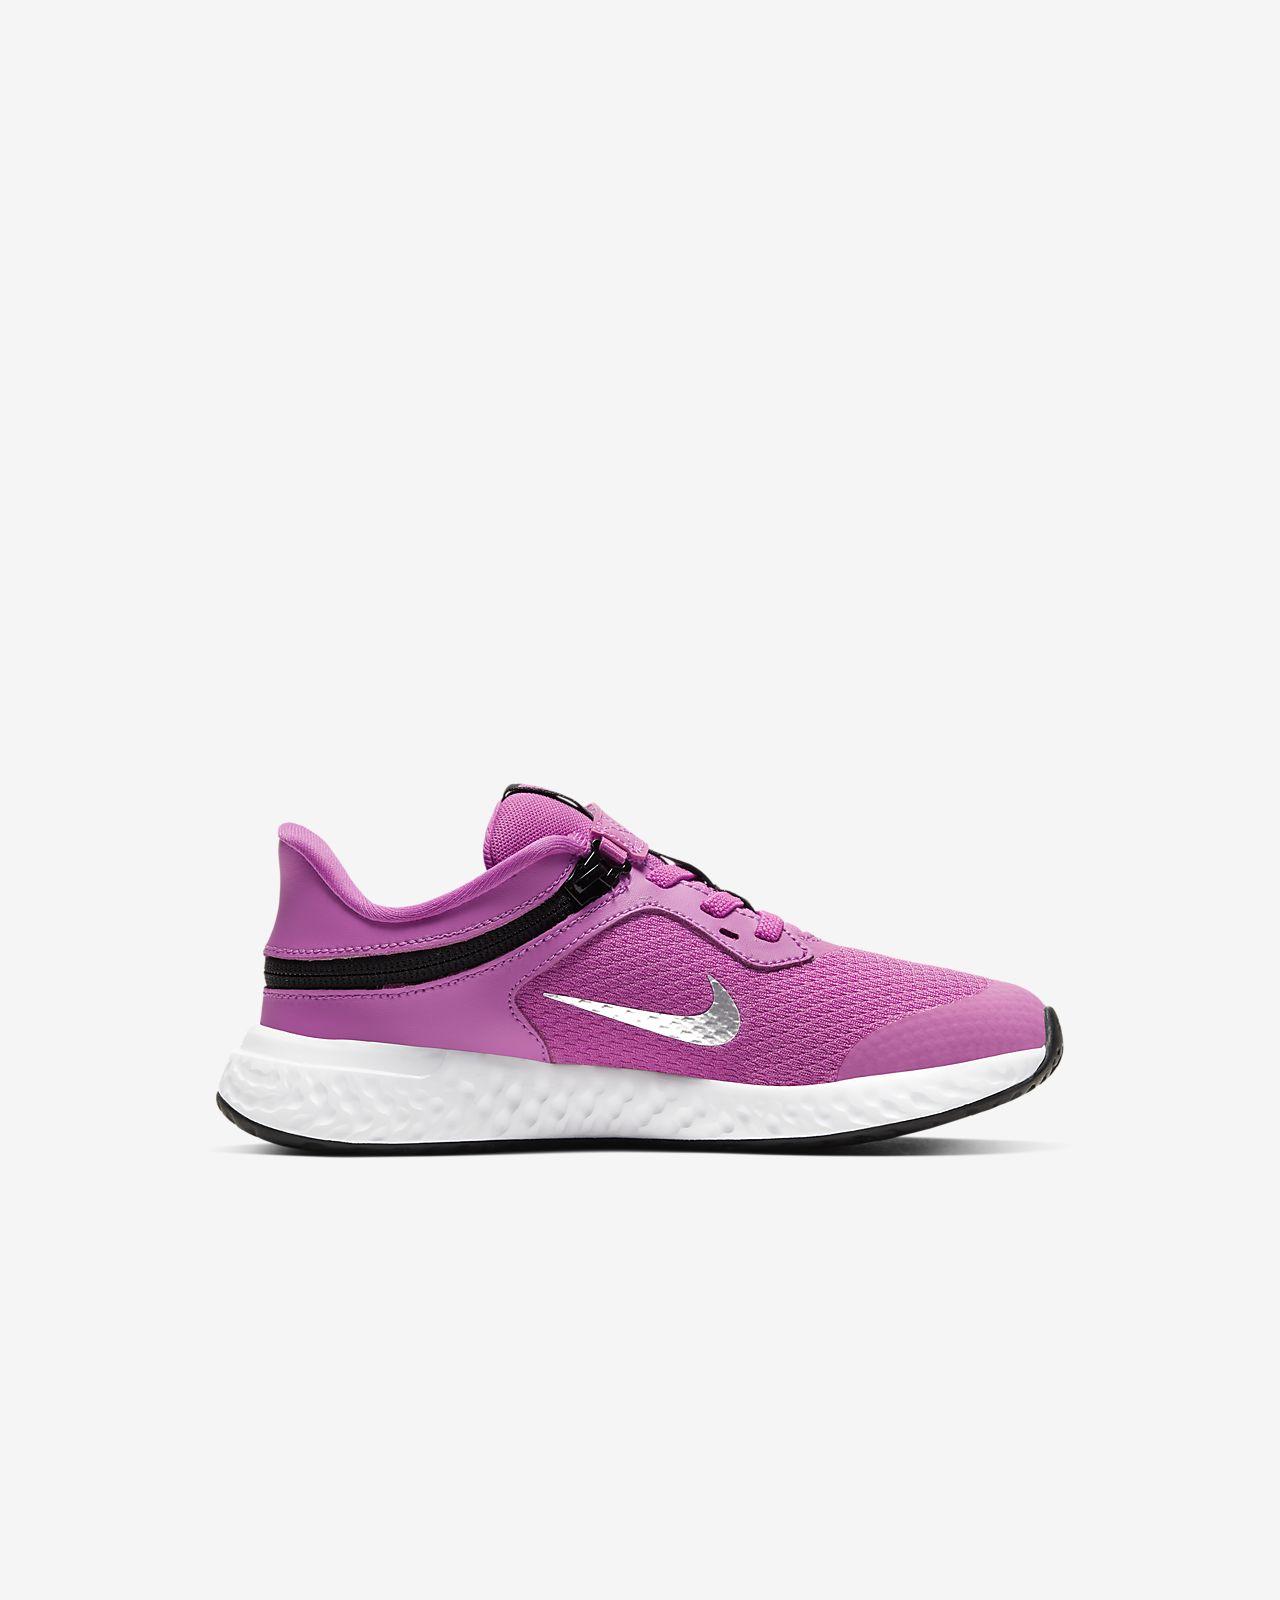 FlyEase 5 jüngere Revolution Kinder für Nike Schuh Kc3l1JTuF